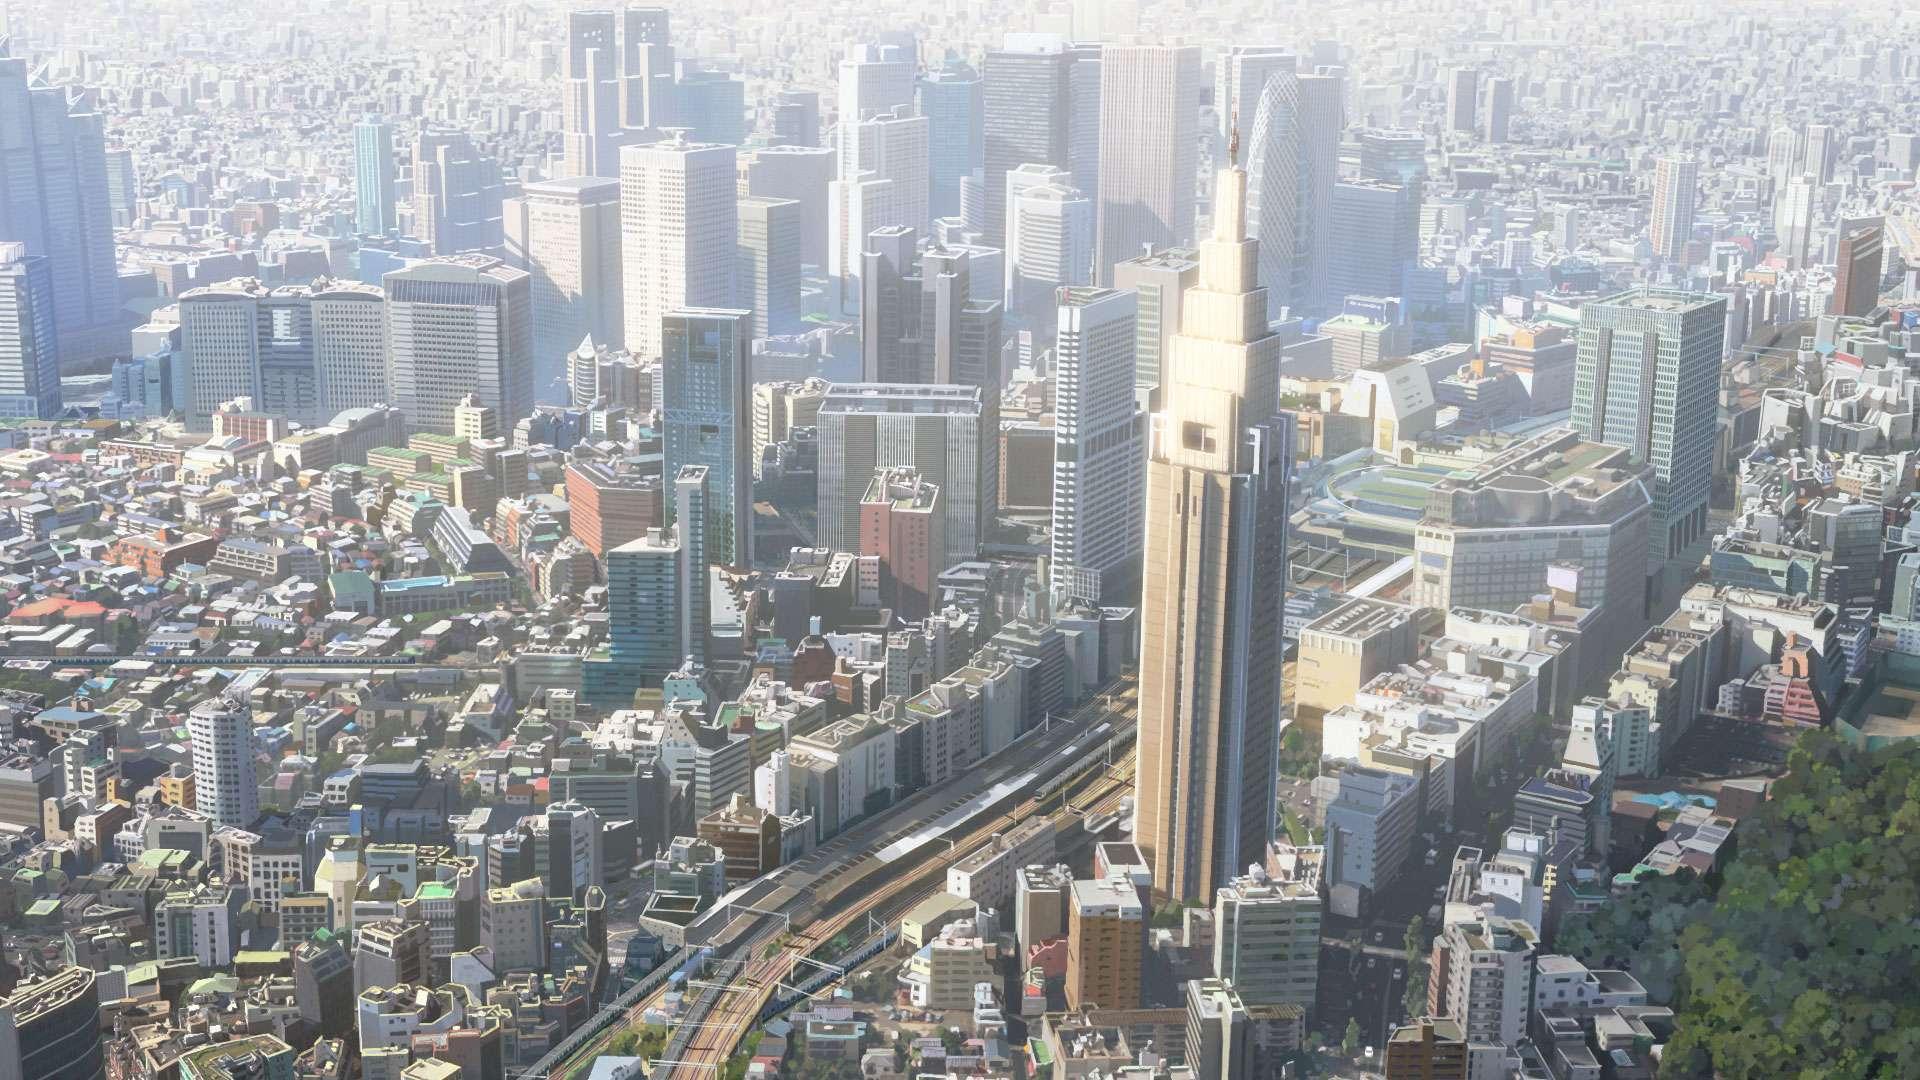 Shinjuku hari ini. (CoMix Wave Films)